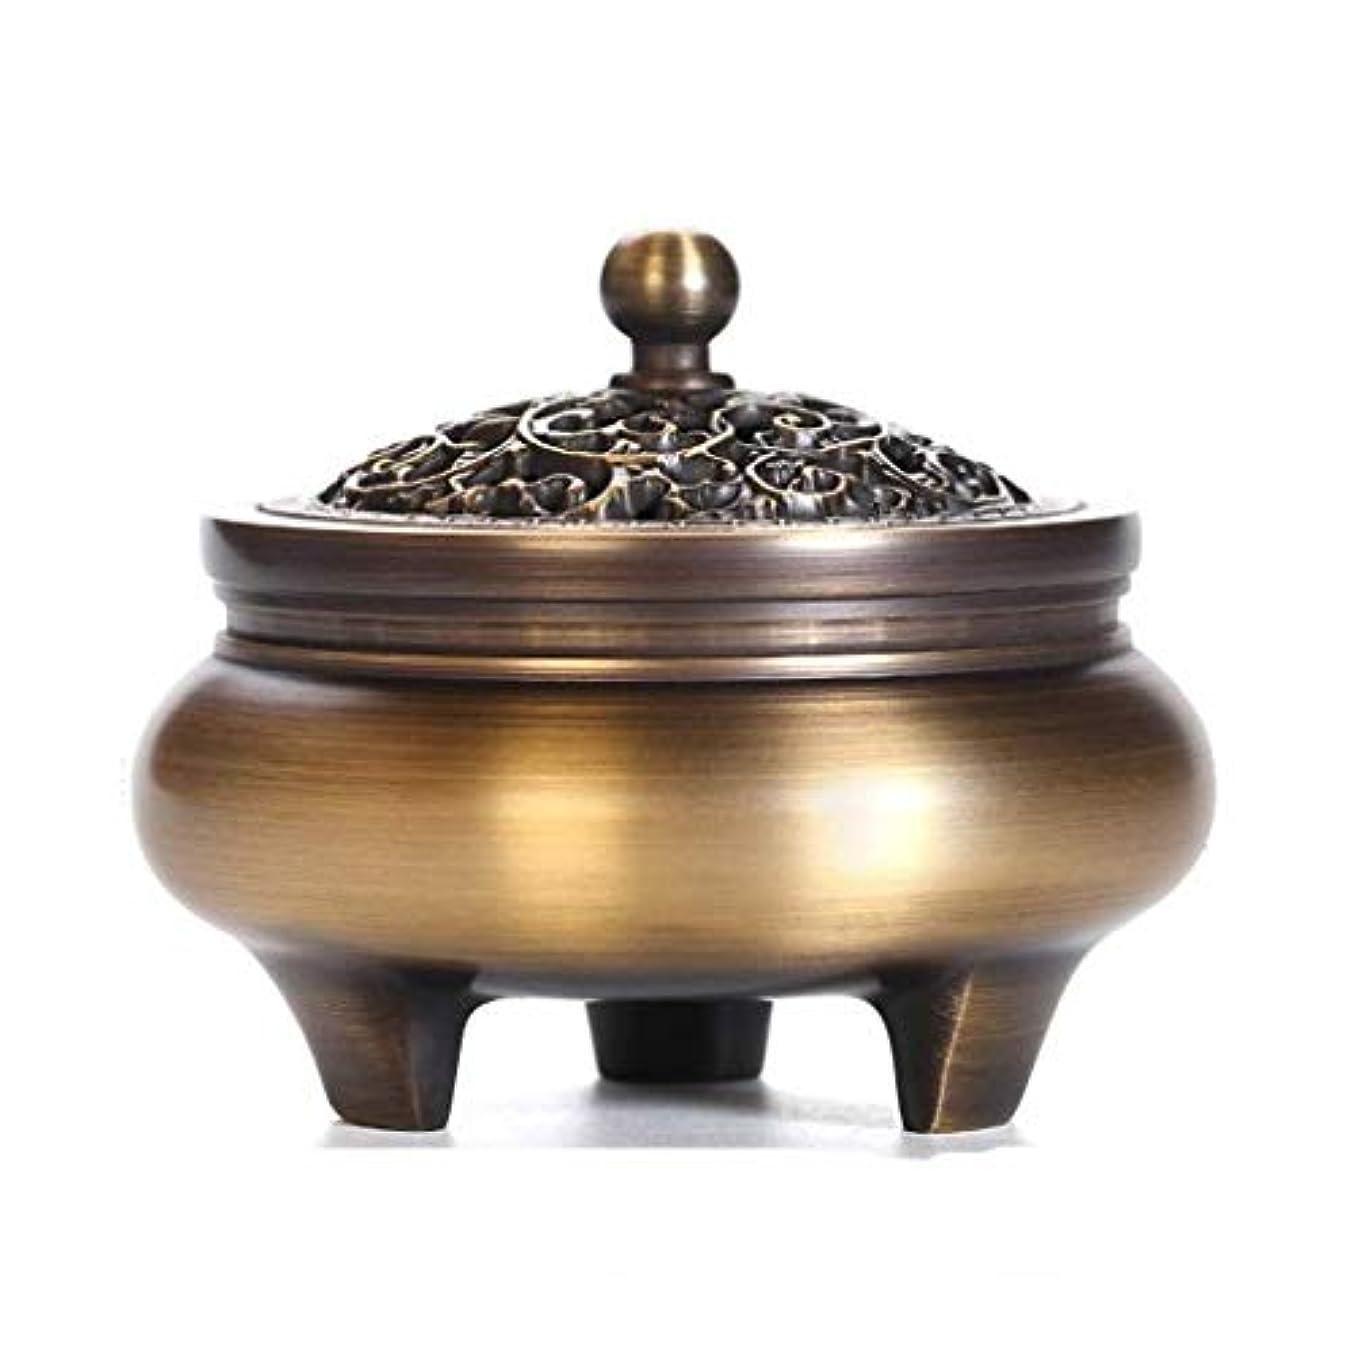 確かに望ましいシーン芳香器?アロマバーナー 純粋な銅三脚家庭用香炉プロセス香バーナーホーム屋内アロマセラピー炉の装飾 芳香器?アロマバーナー (Color : Brass)